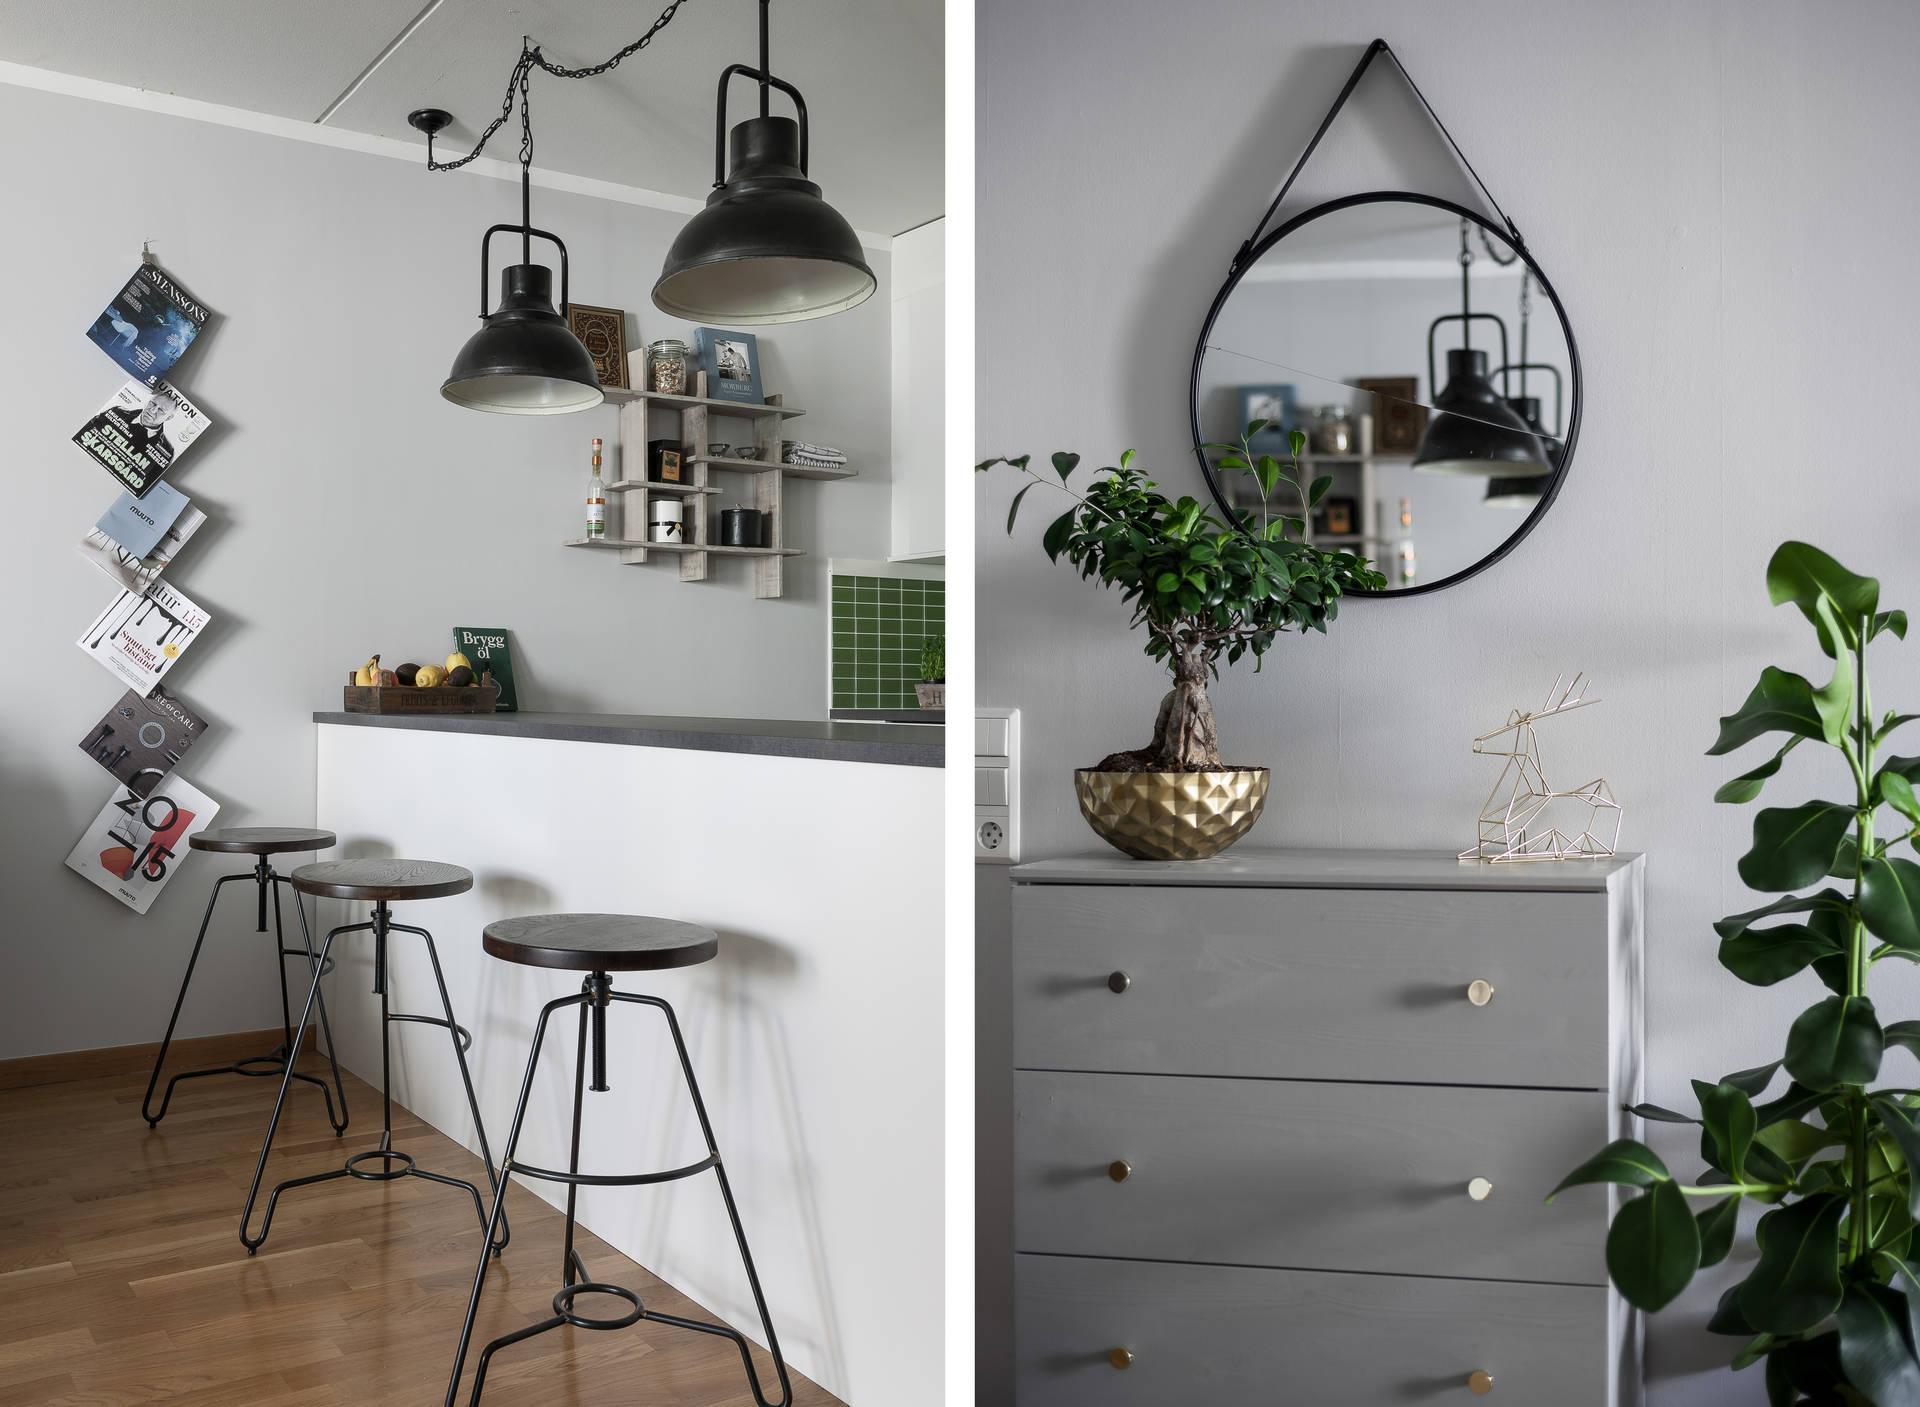 комод зеркало кухня лампы барные стулья